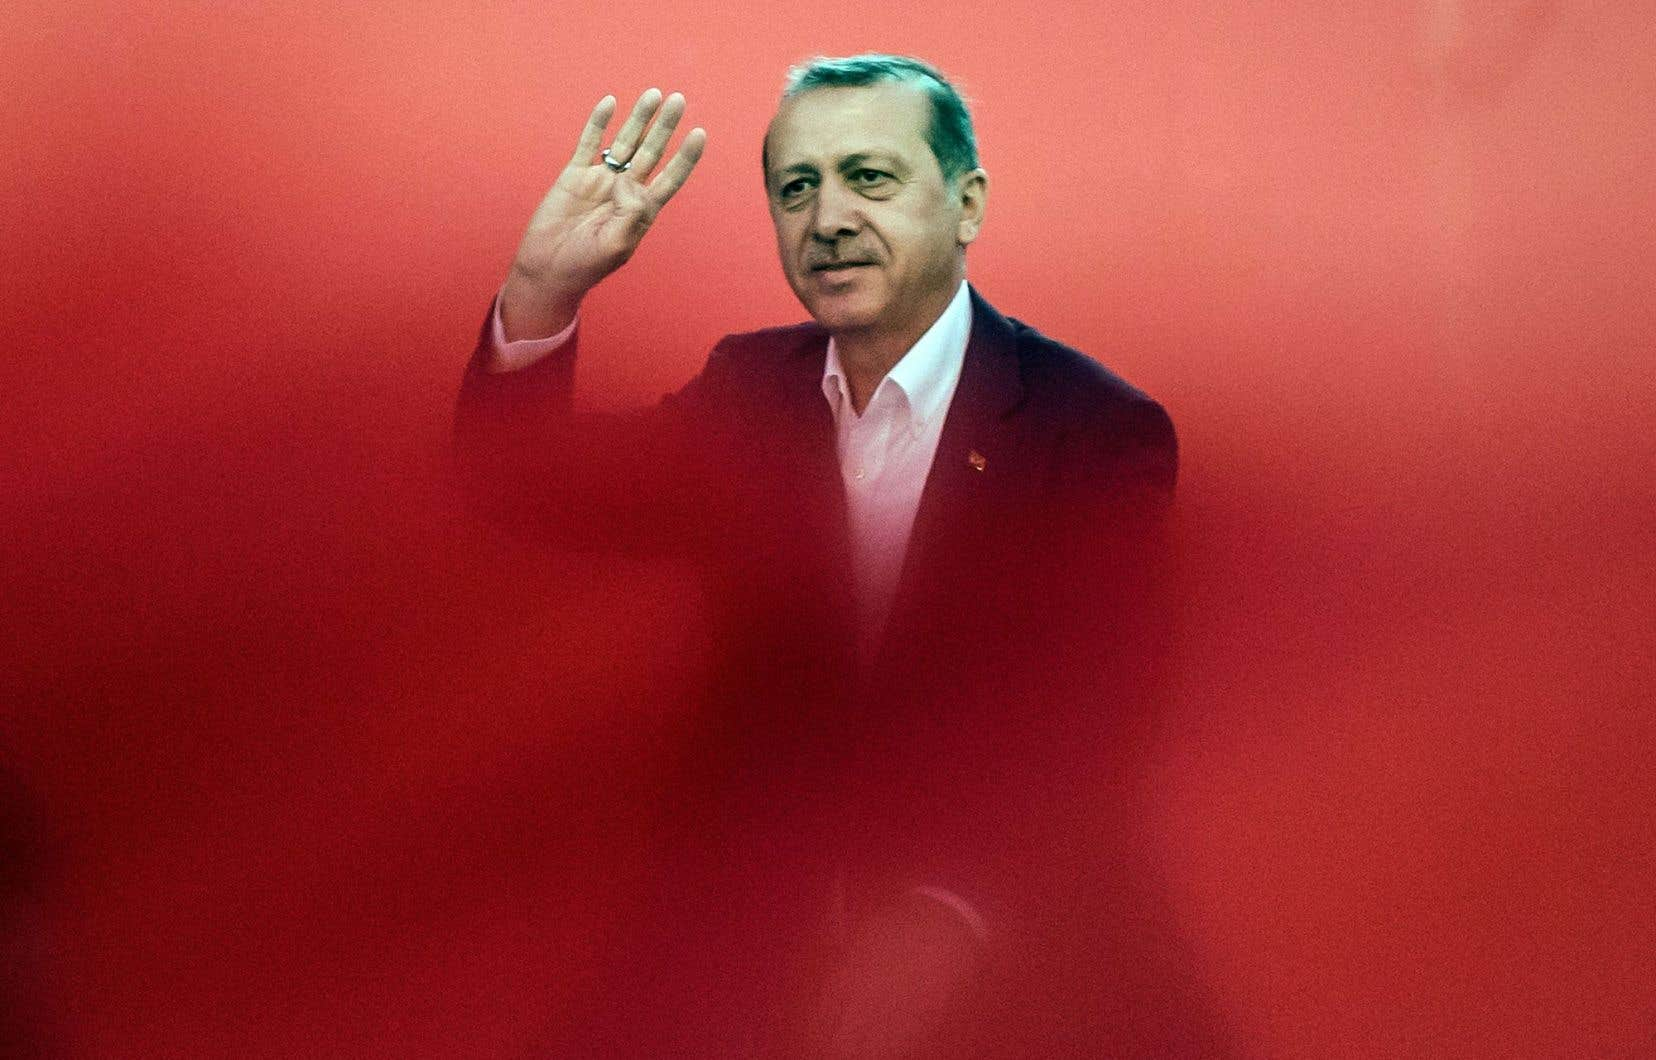 «Pendant la tentative de putsch, une partie des leaders du monde occidental m'ont appelé au téléphone. Cela n'était pas suffisant», déplore le président Recep Tayyip Erdogan.